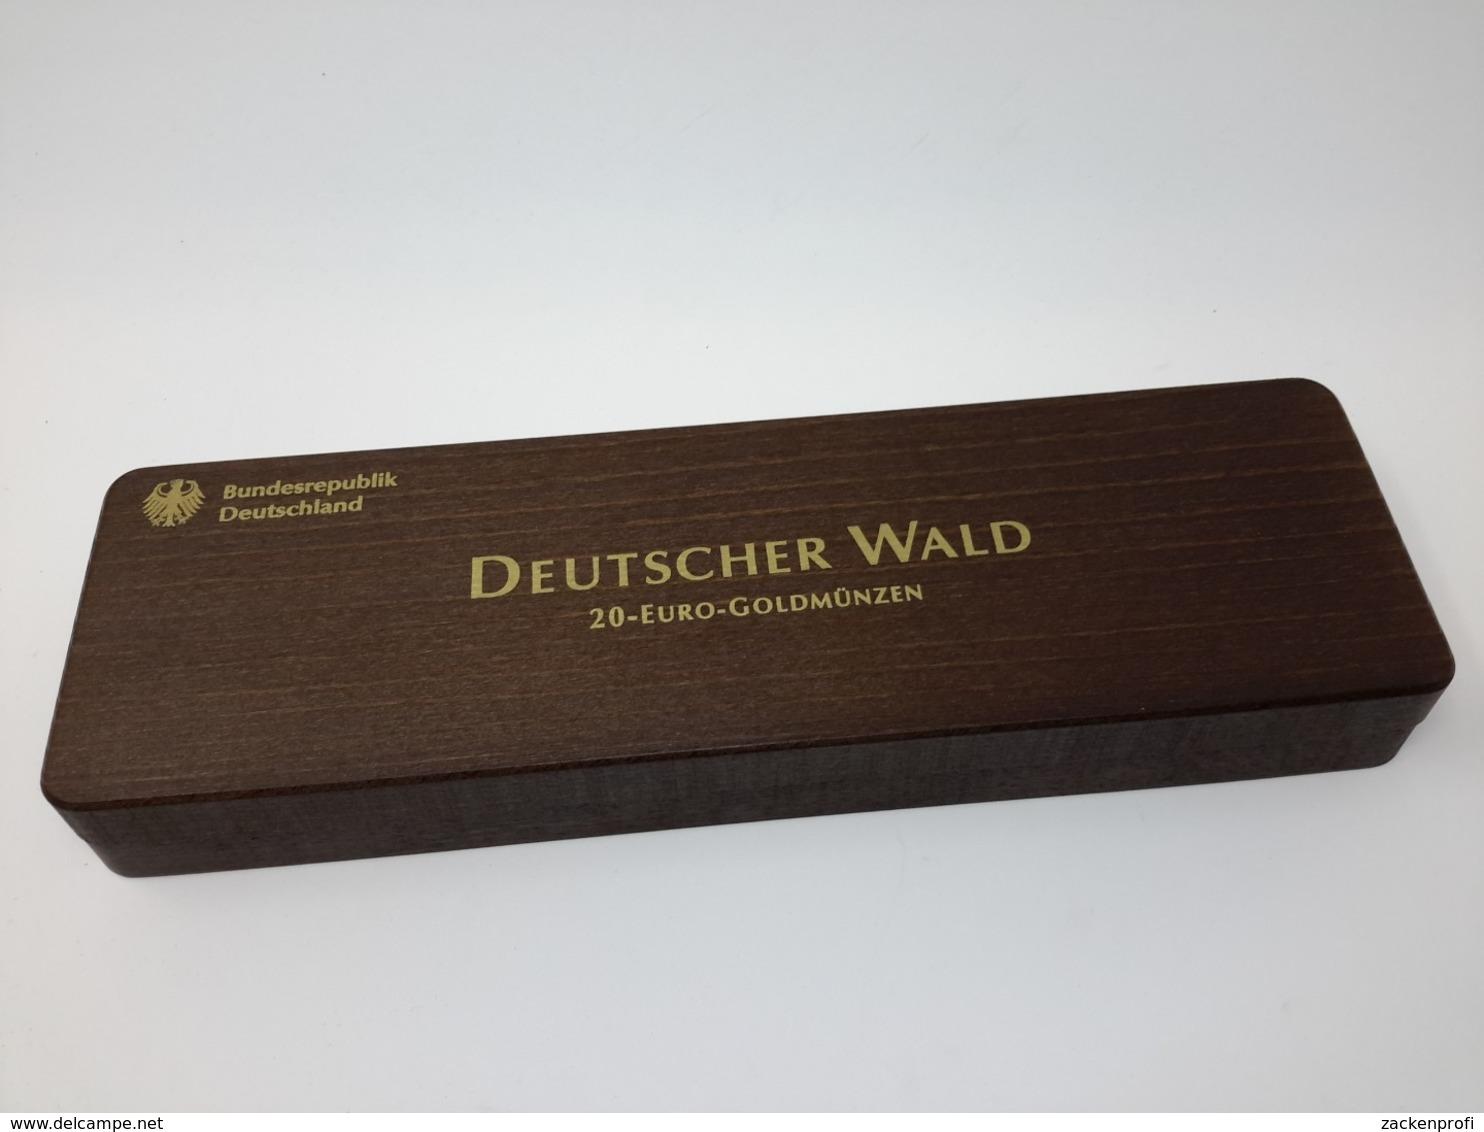 HOLZ Münzkassette Für 20 EURO WALD Goldmünzen Gebraucht Neuwertig (Z1532) - Supplies And Equipment